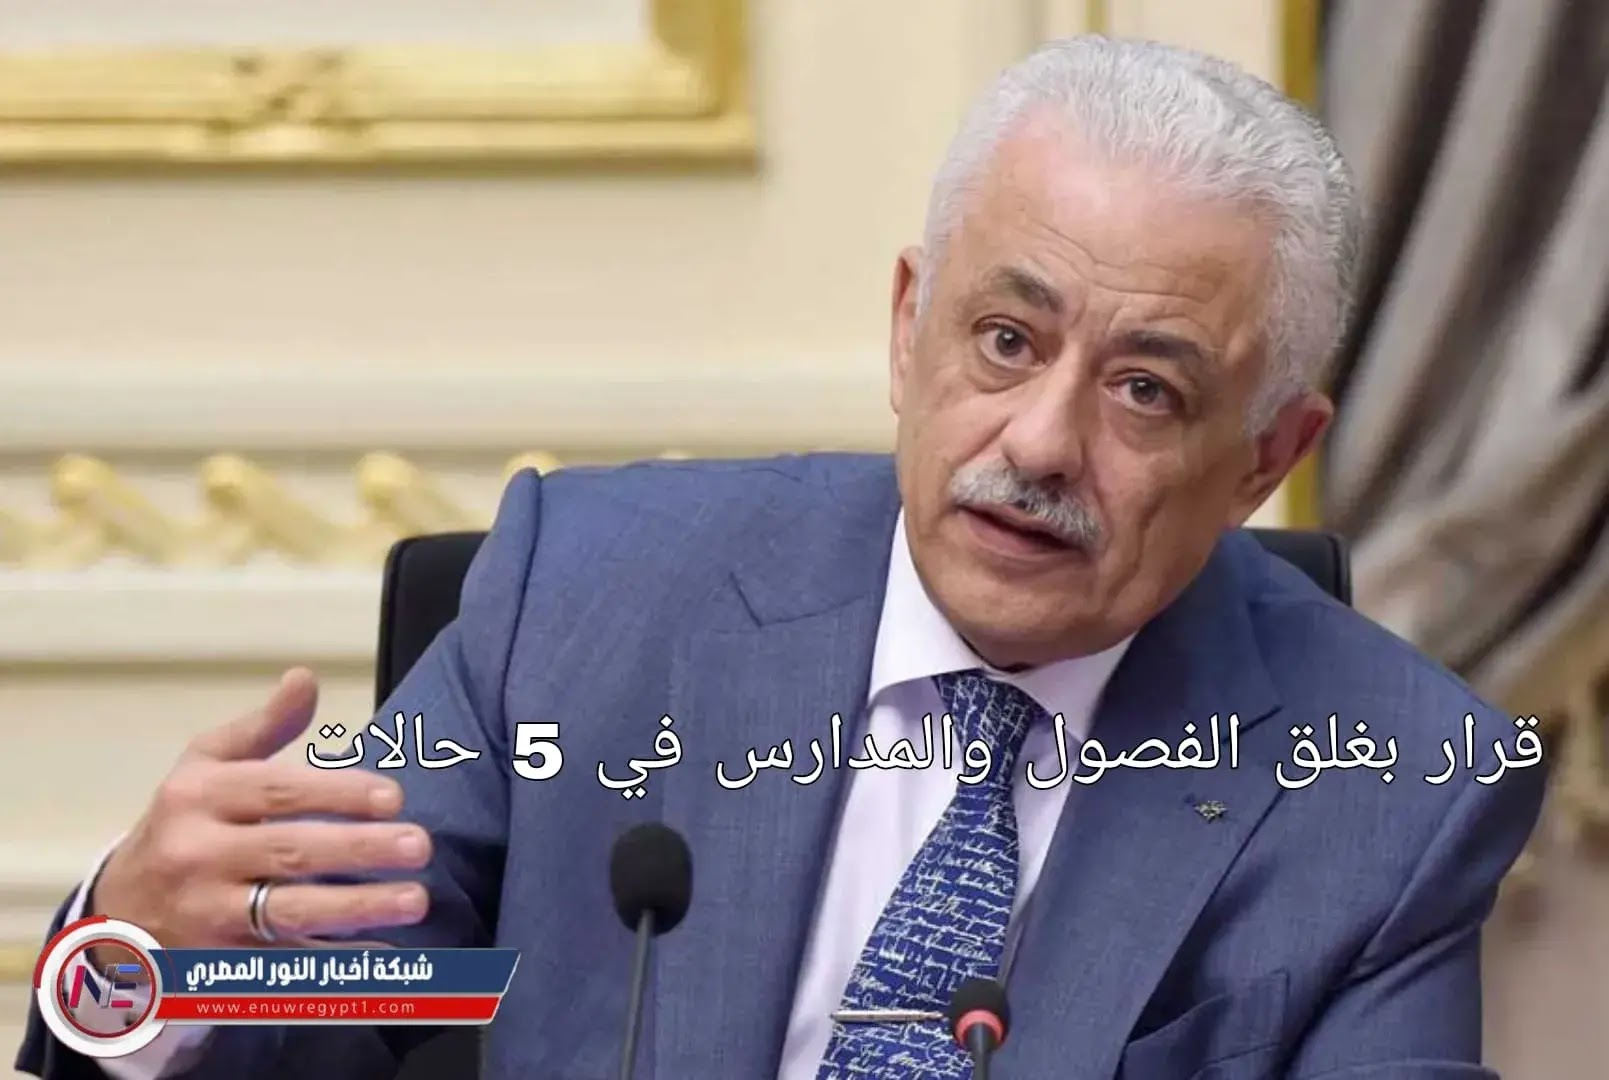 خبر عاجل.. قرار بغلق الفصول والمدارس من وزير التربية والتعليم في 5 حالات